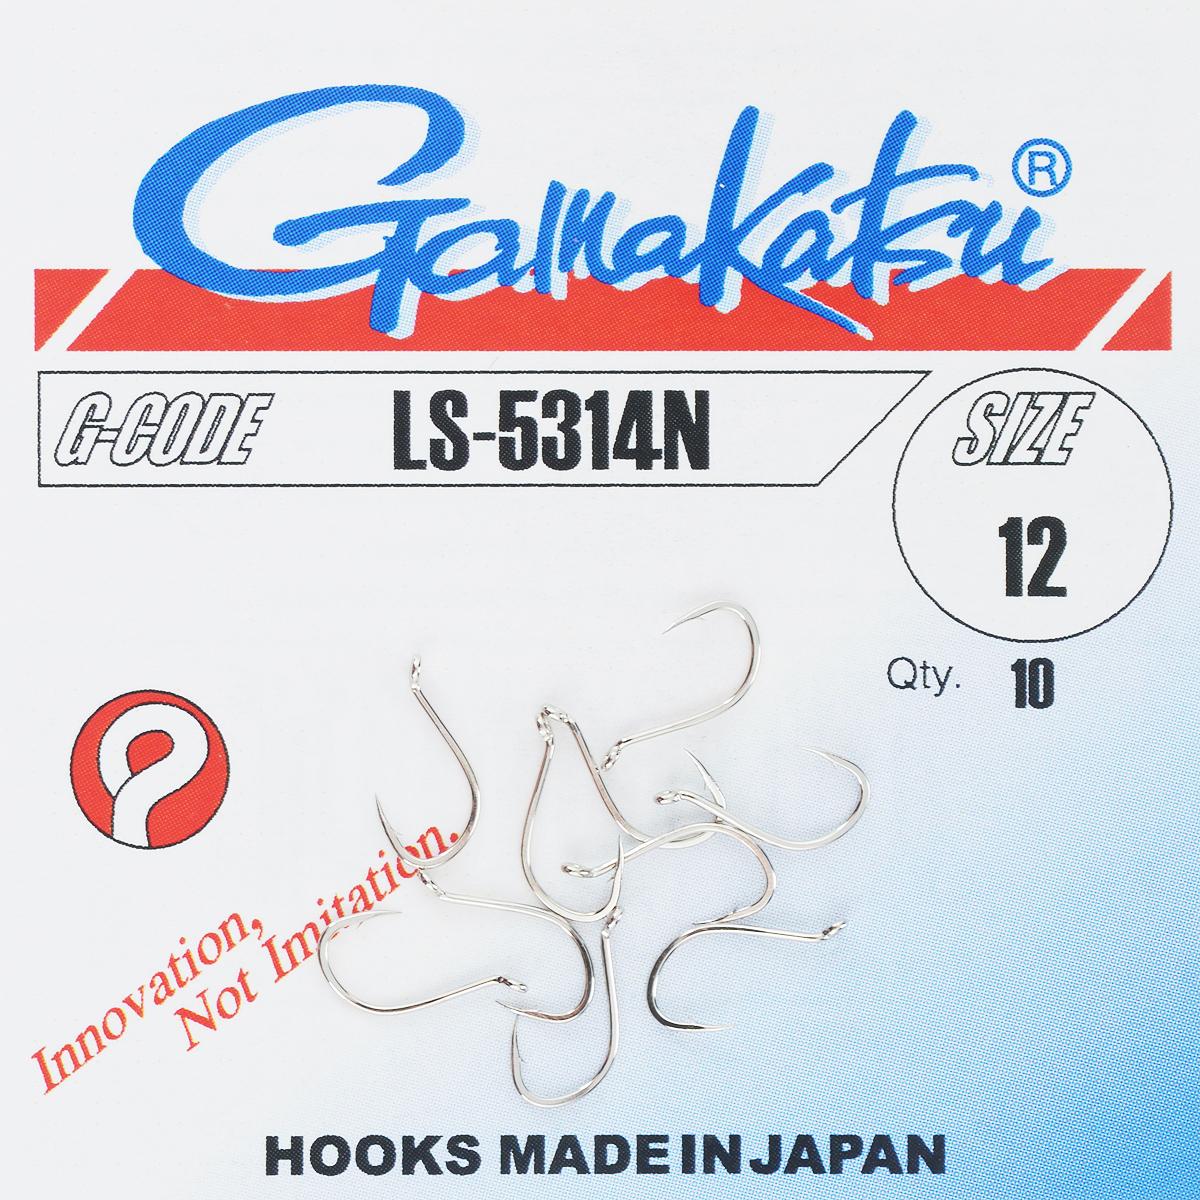 Набор крючков Gamakatsu, размер №12, 10 шт23042Gamakatsu - это одни из наиболее разносторонних крючков, известных своей прочностью и долговечностью. Крючки покрыты антикоррозионным покрытием, что делает их незаменимыми при ловле в соленой воде.